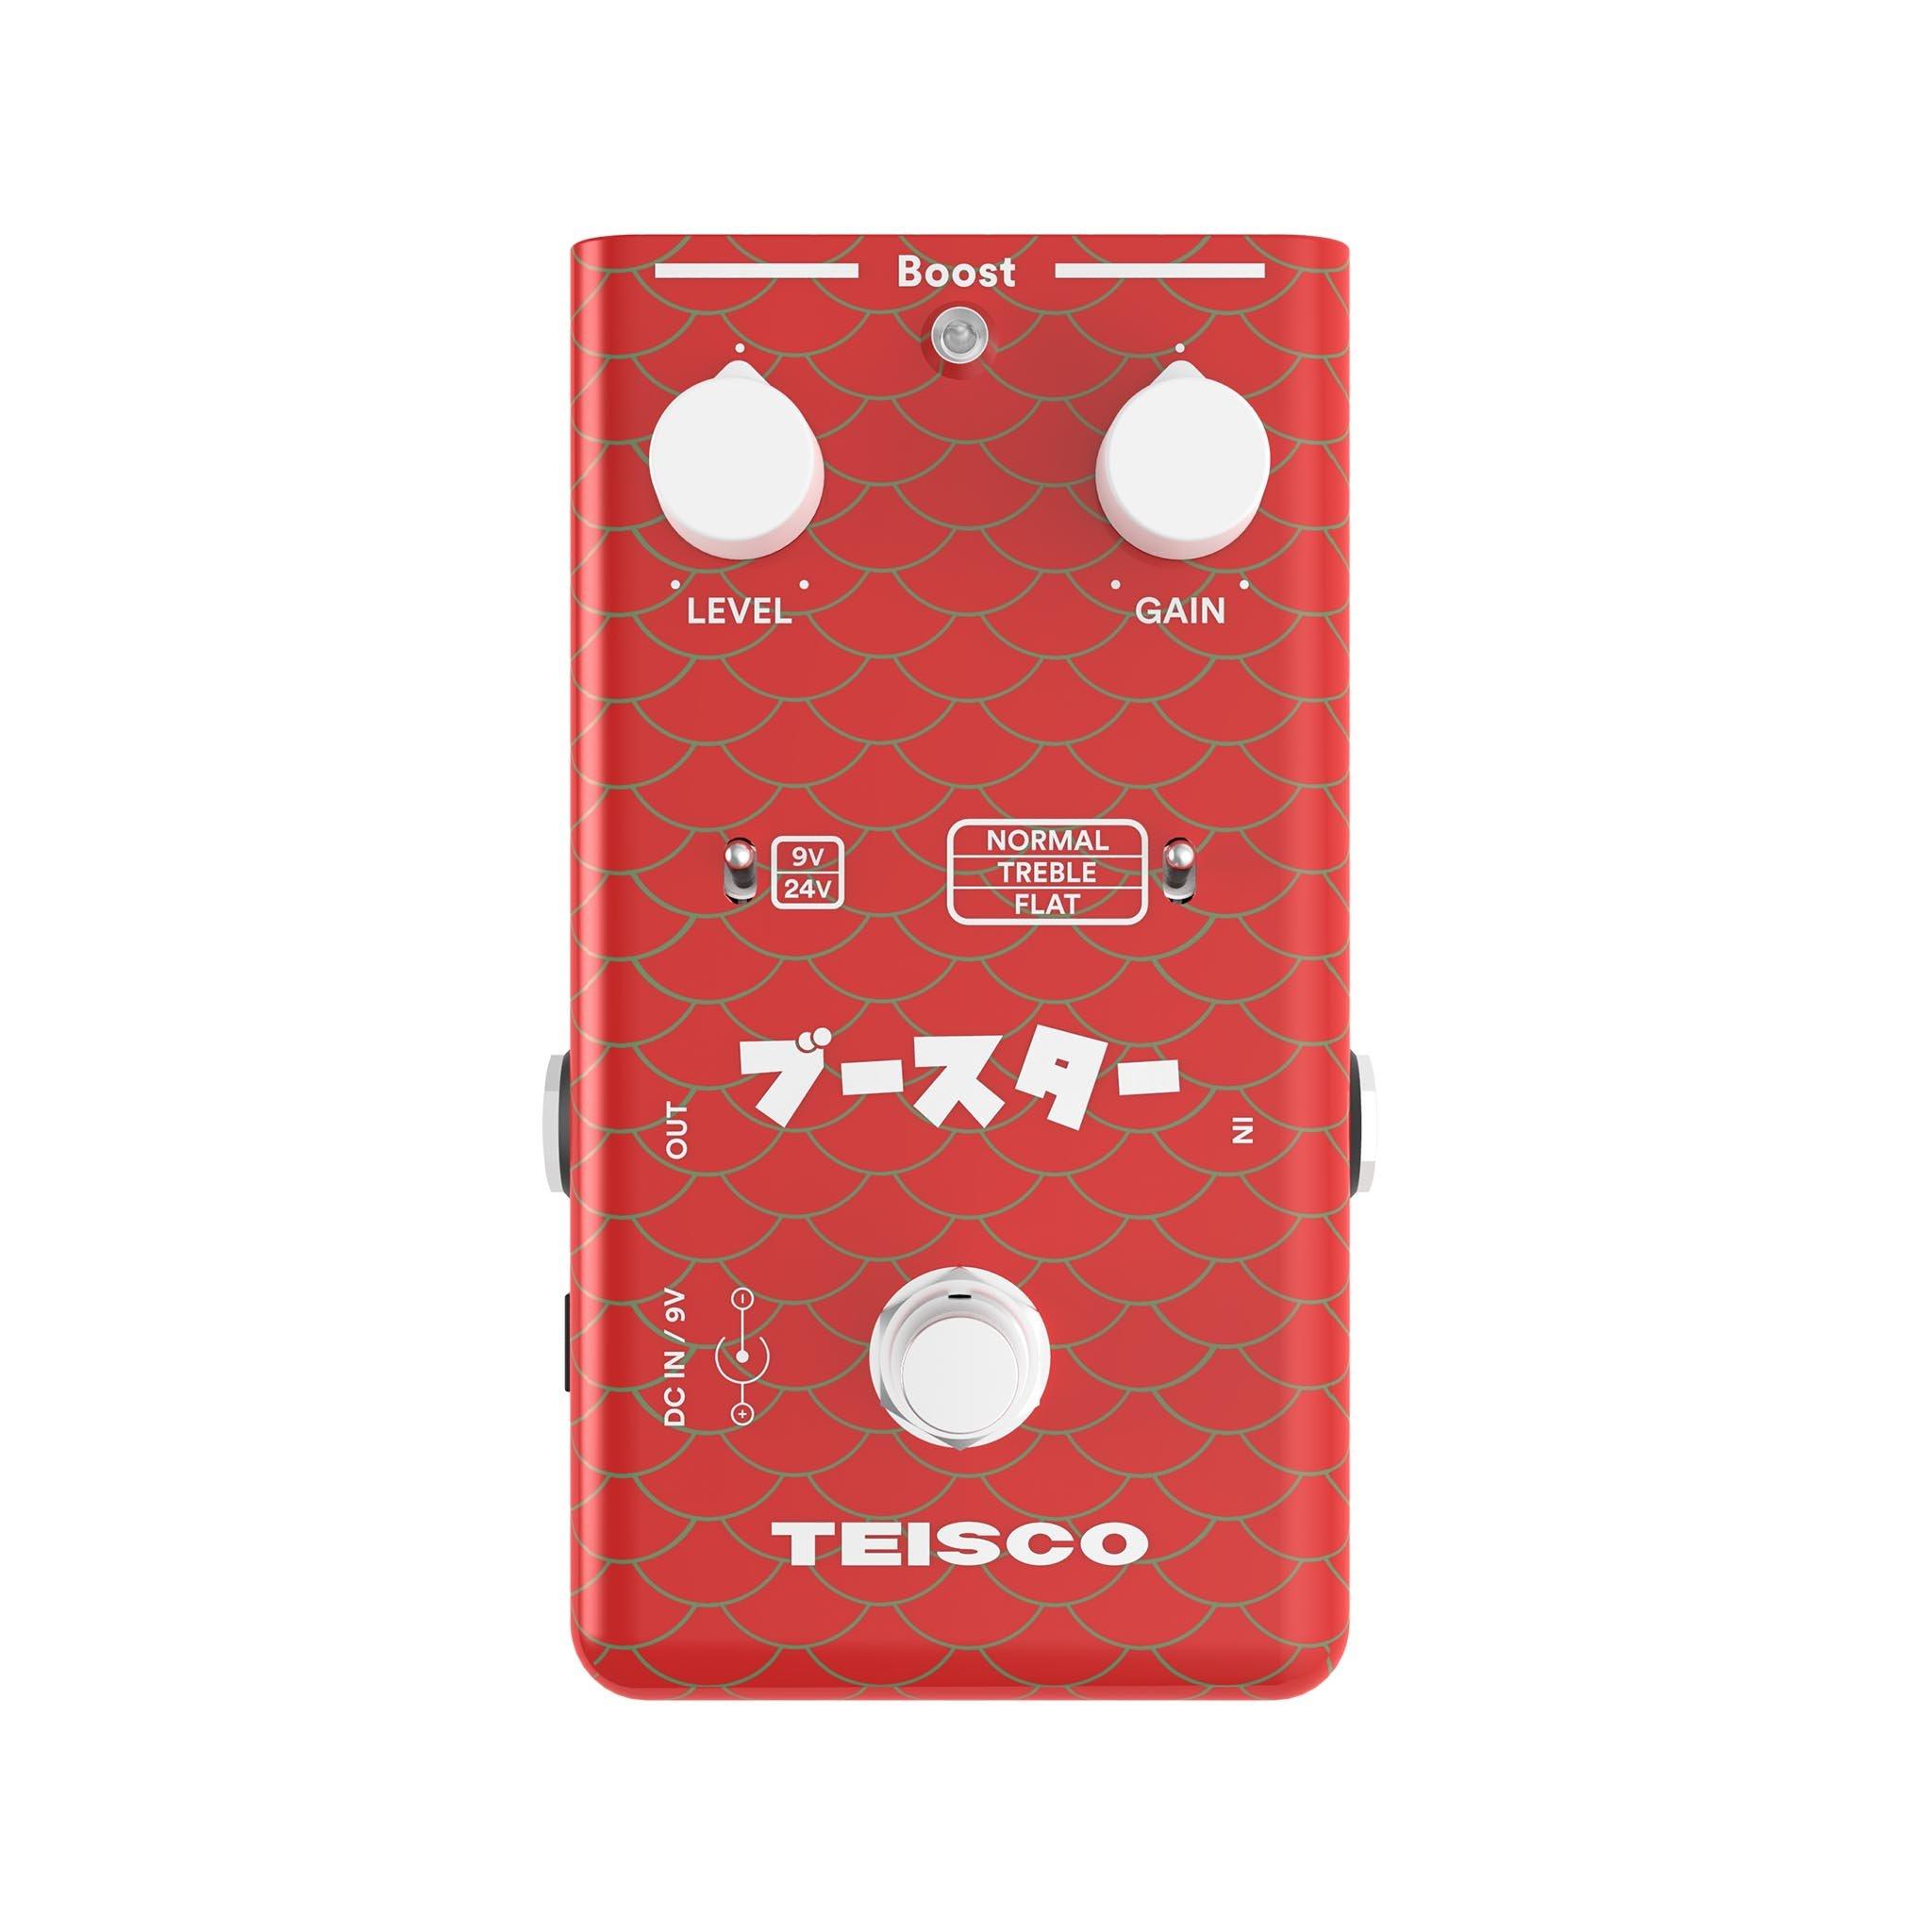 TSC-01100_1552356879621